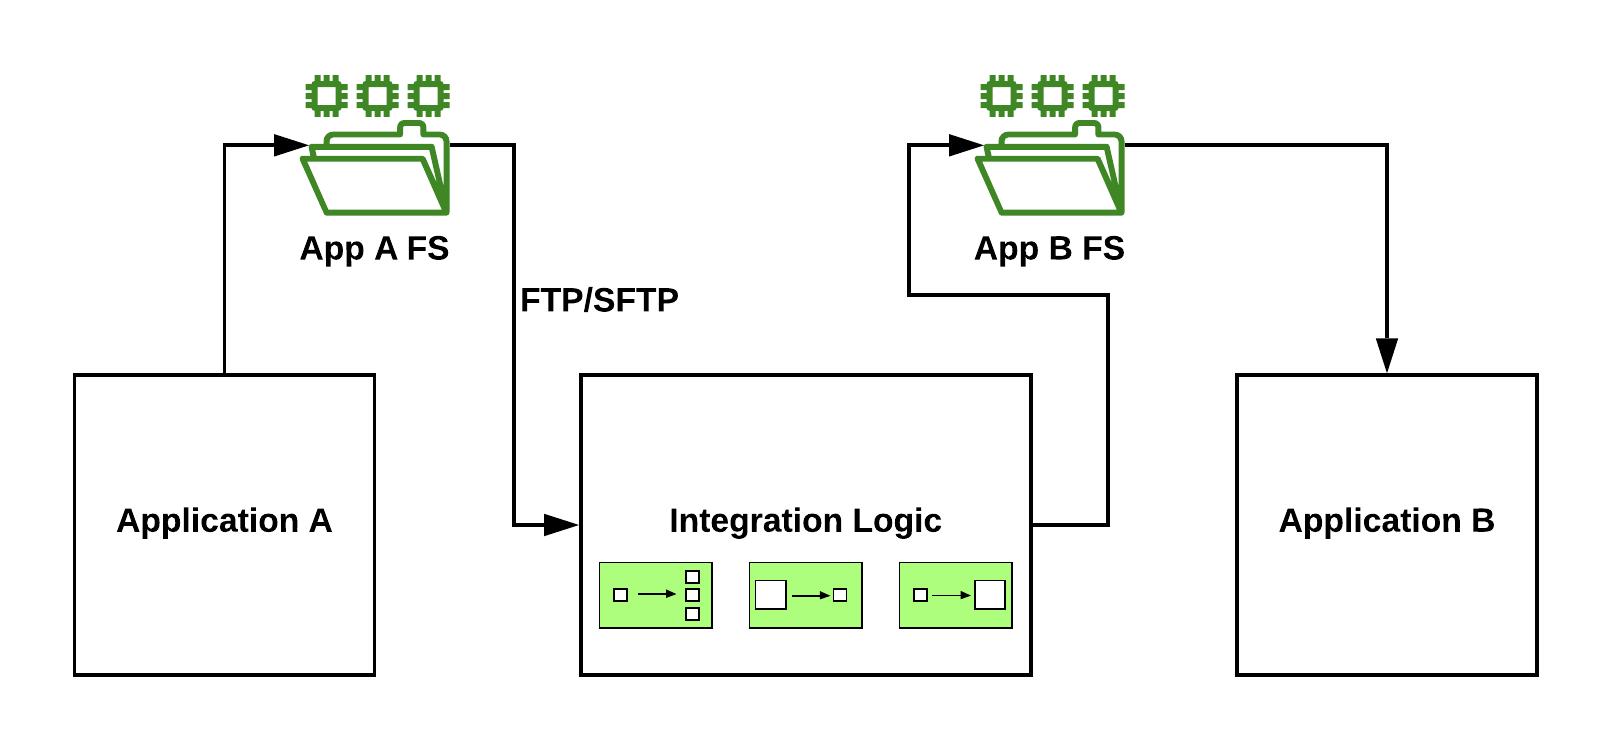 File-Based Integration: Spring